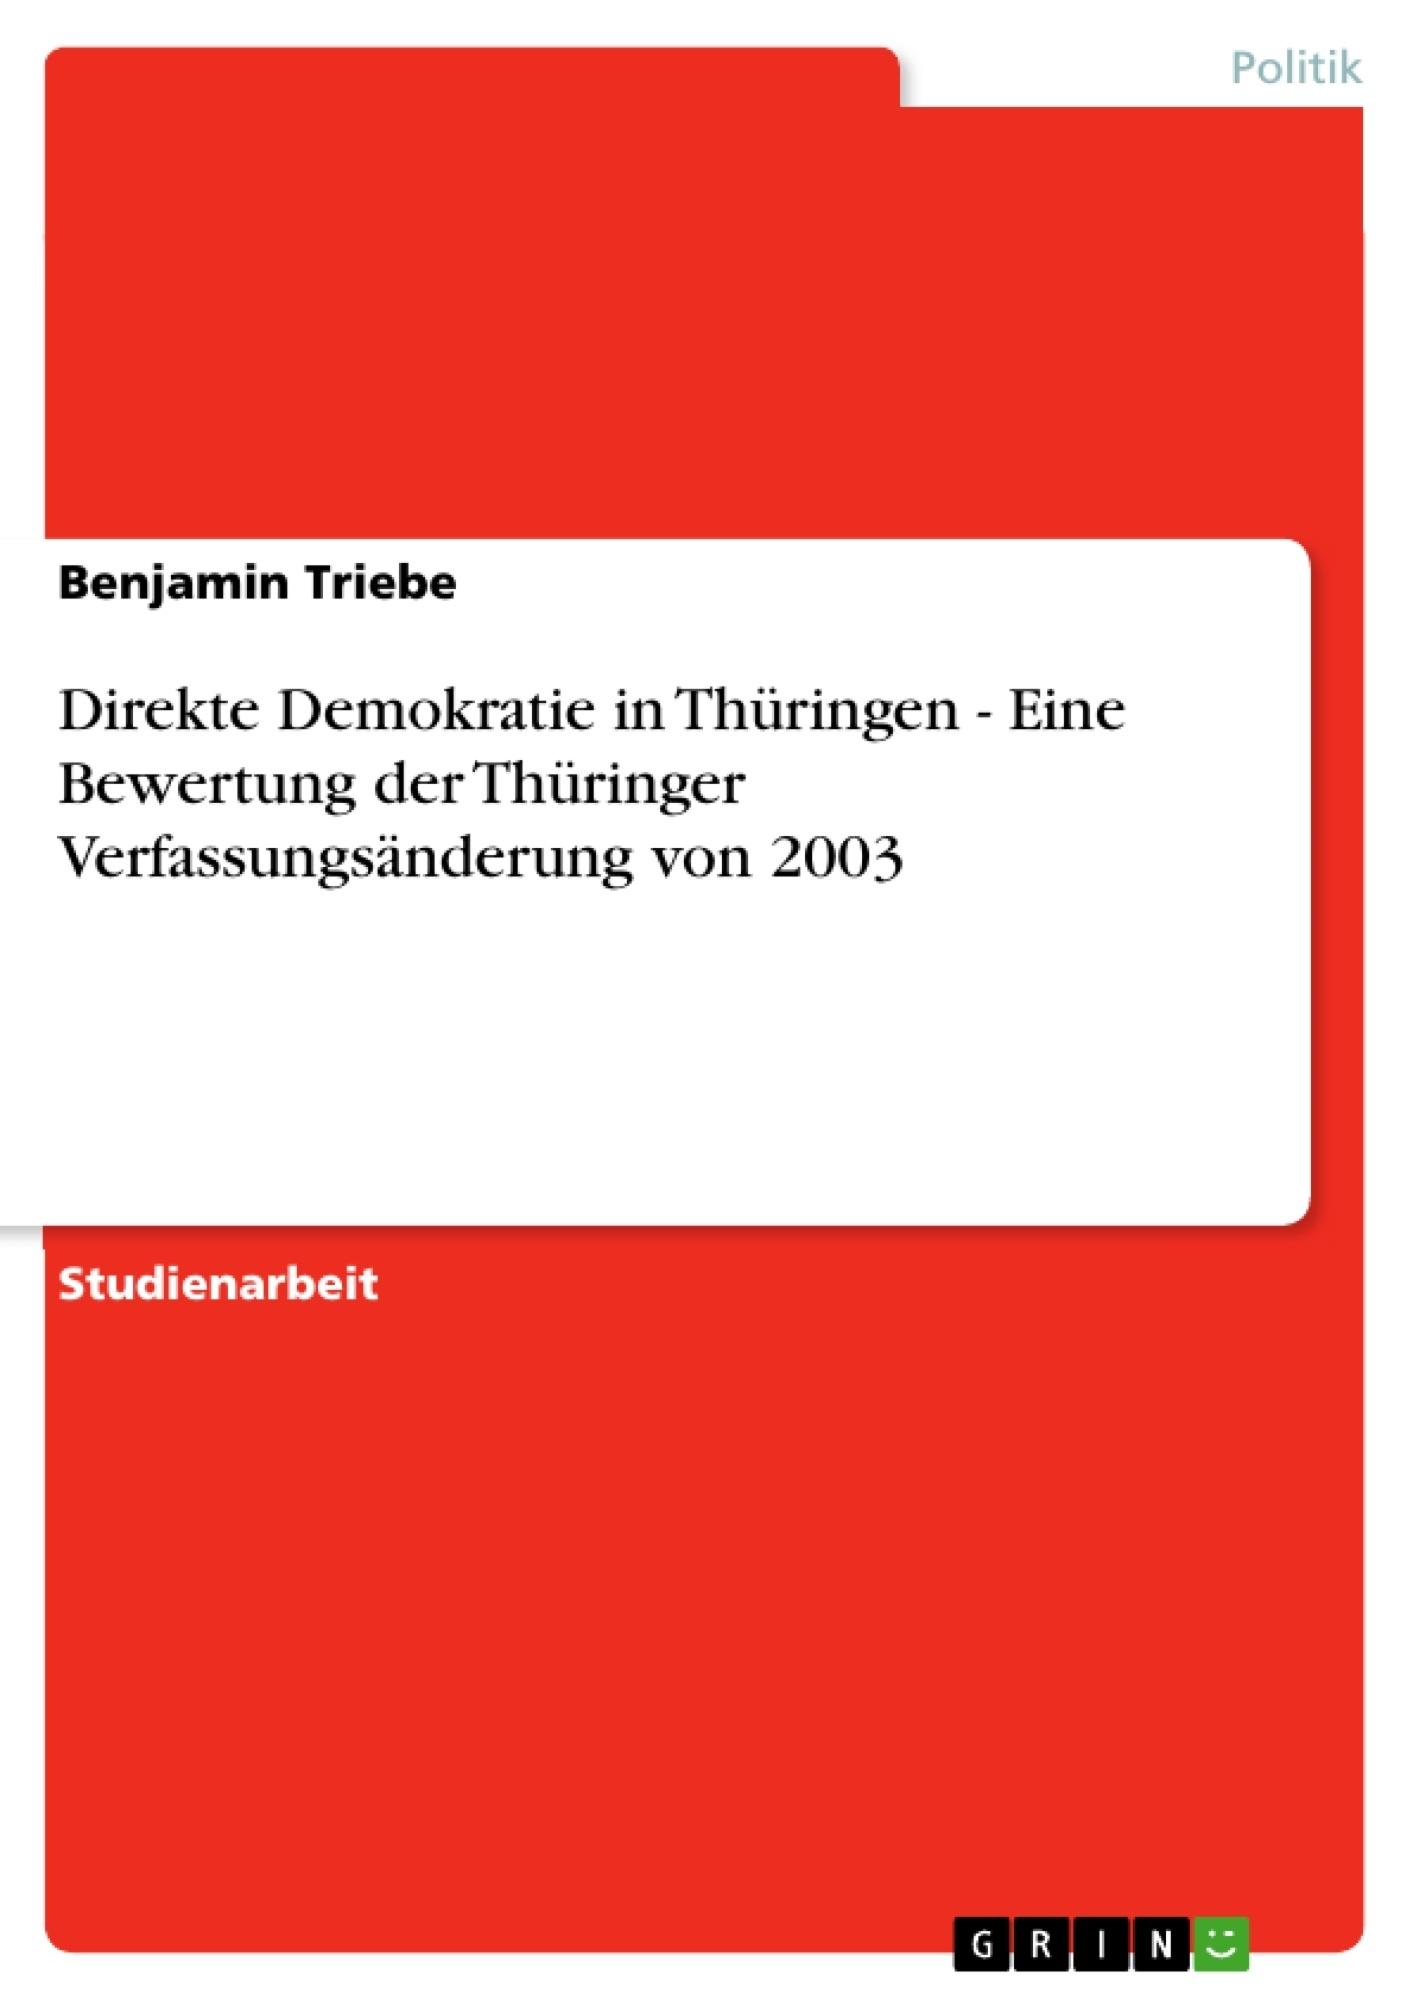 Titel: Direkte Demokratie in Thüringen - Eine Bewertung der Thüringer Verfassungsänderung von 2003